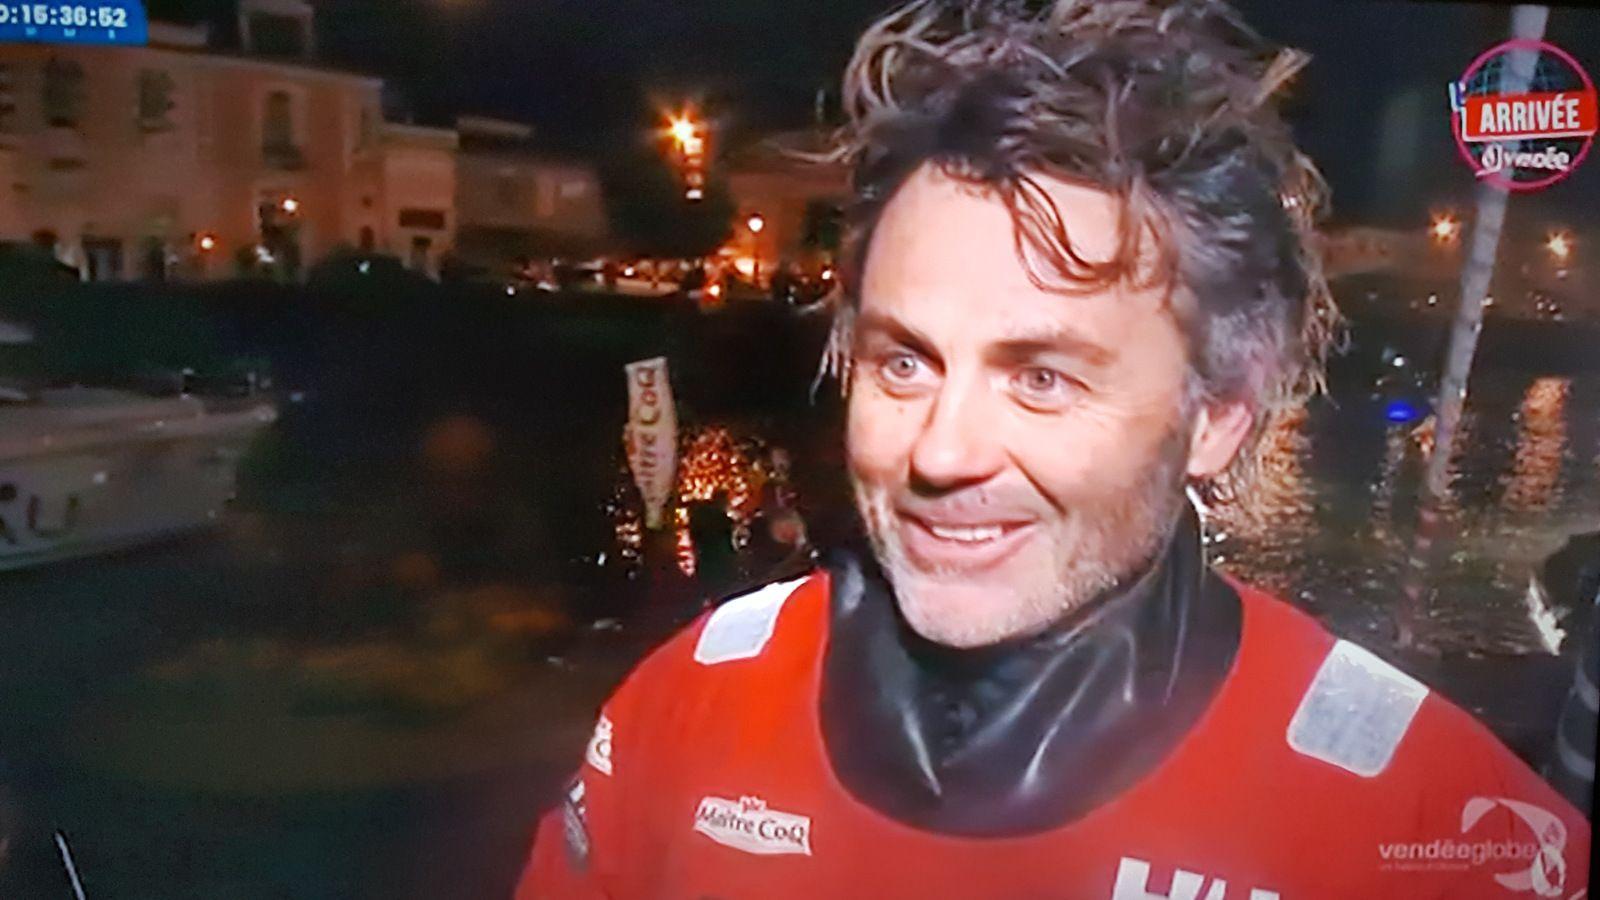 Yannick BESTAVEN sur Maître Coq le vainqueur du Vendée Globe même s'il a passé la ligne en 3ème position (en raison des bonifications car il a porté secours à un autre skipper)